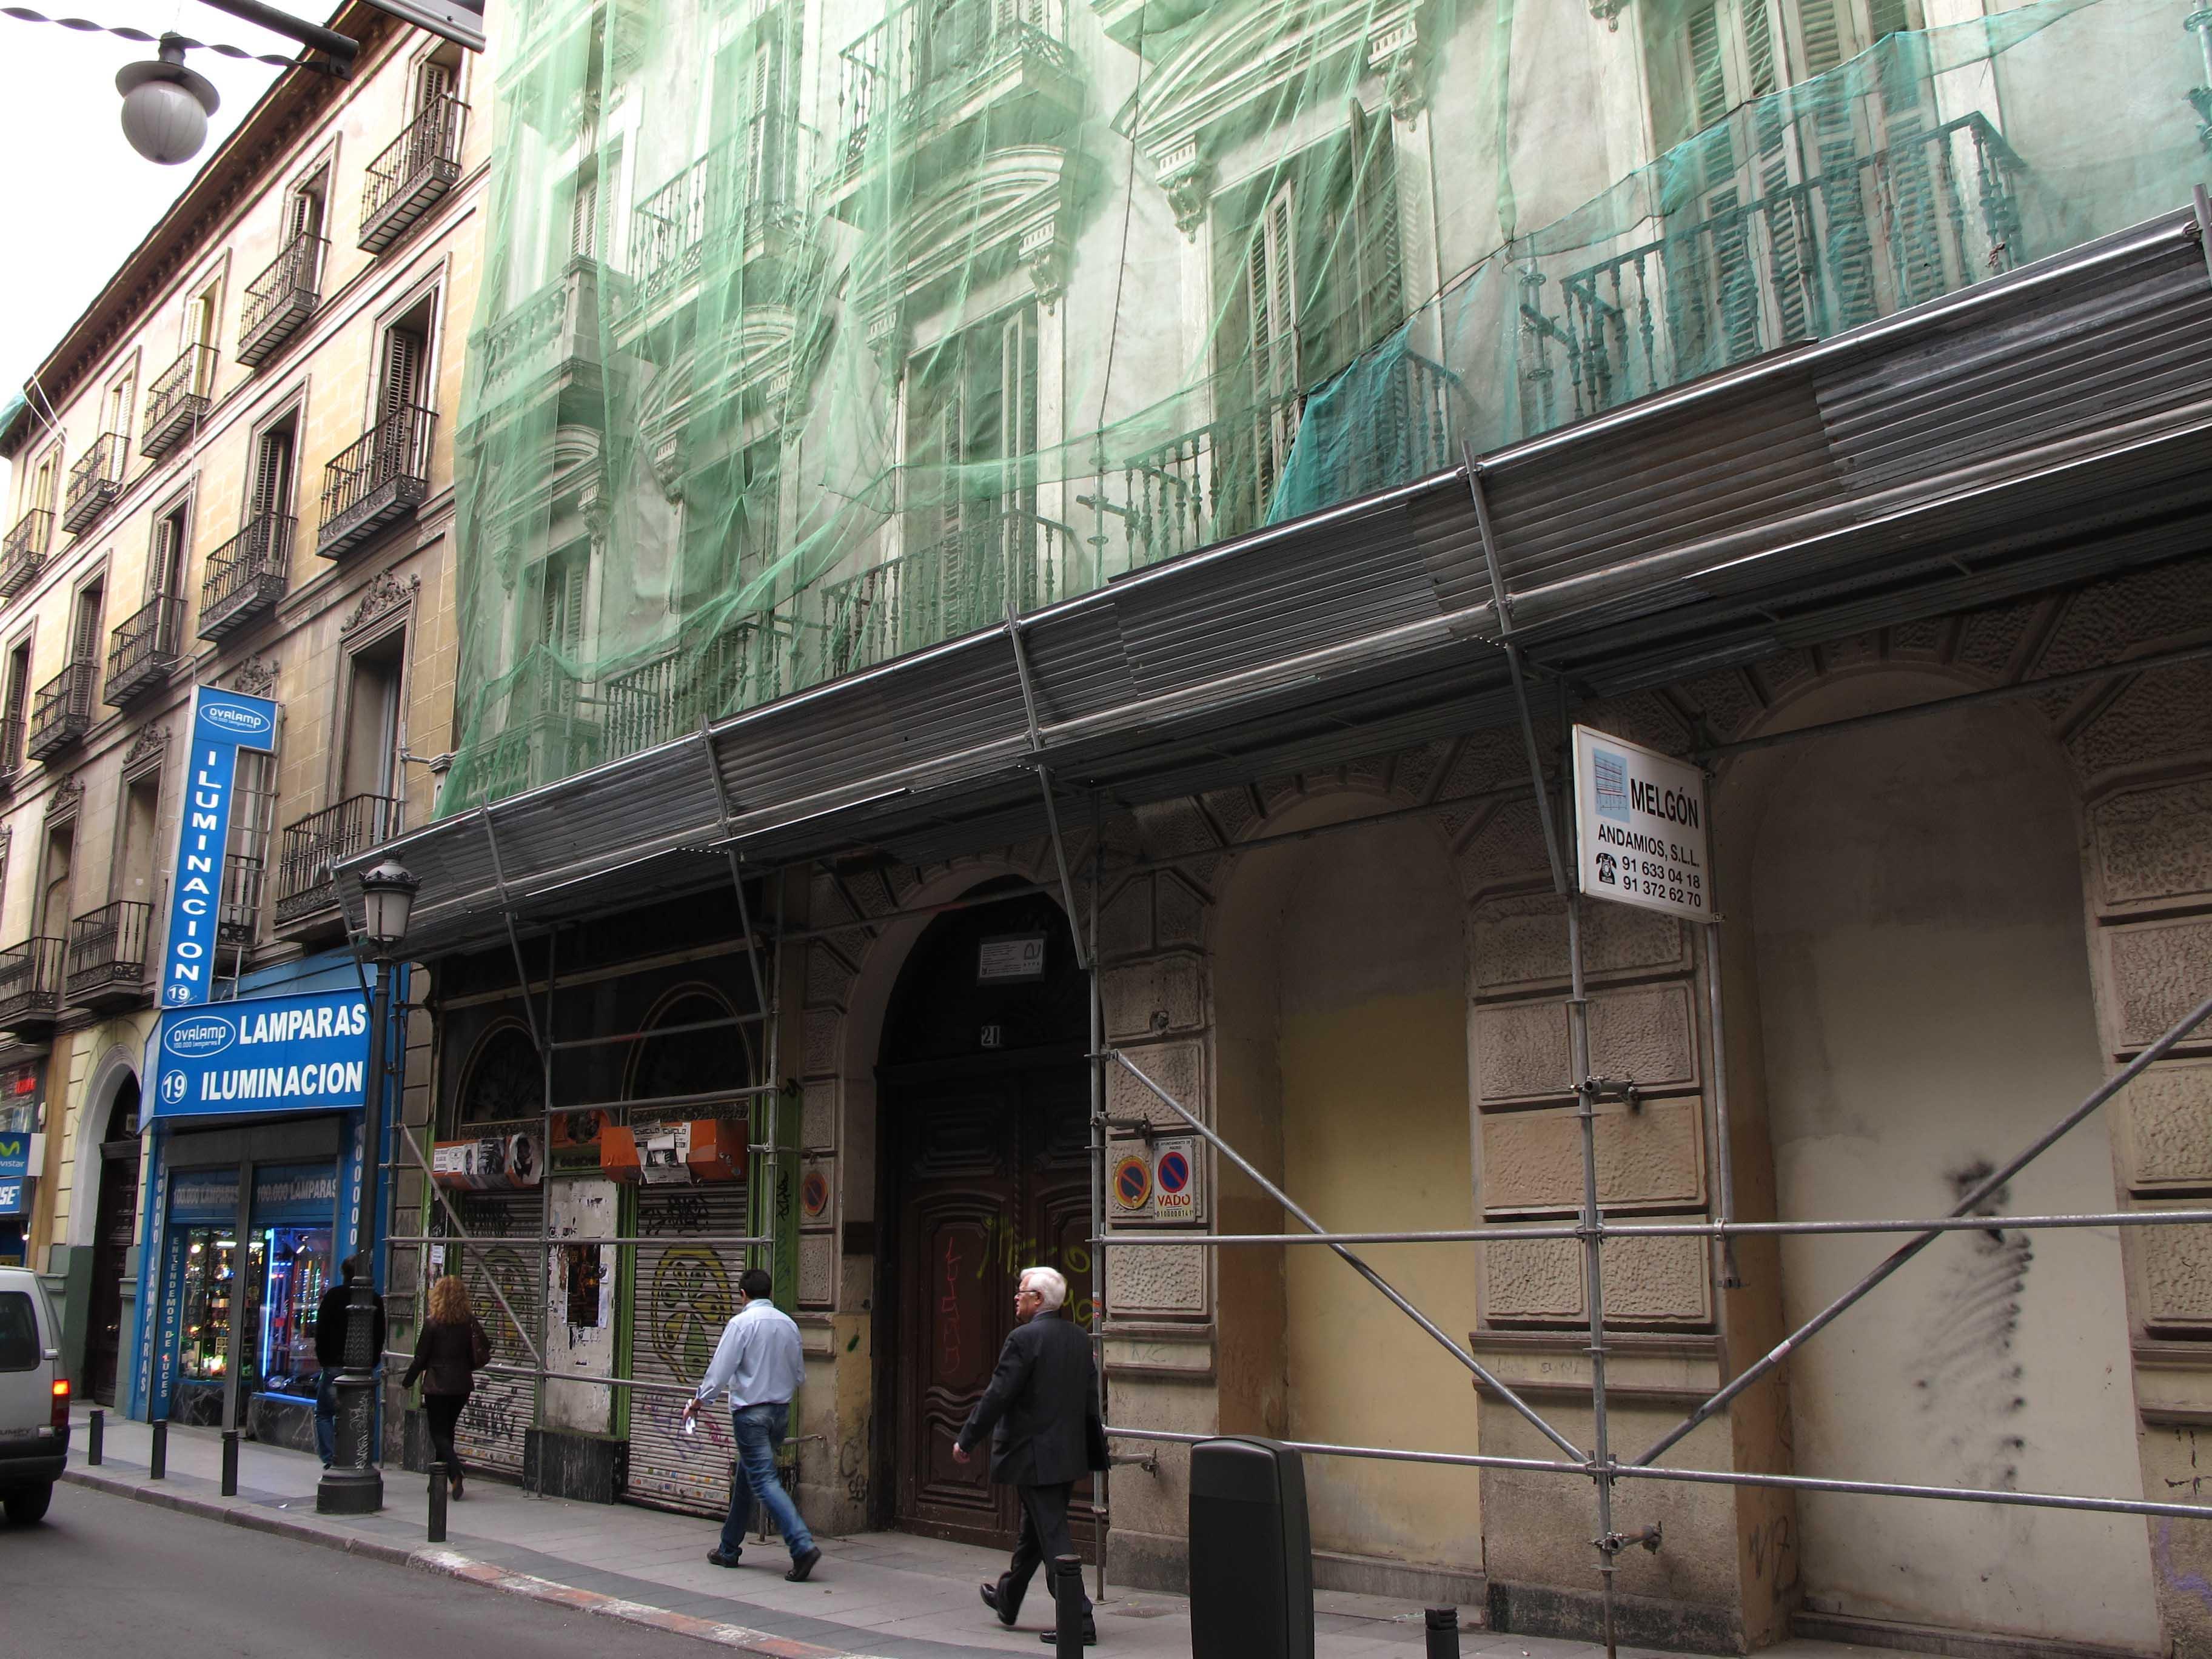 Nuevo hotel junto a prado recoletos ayuntamiento de madrid for Hoteles en la calle prado de madrid